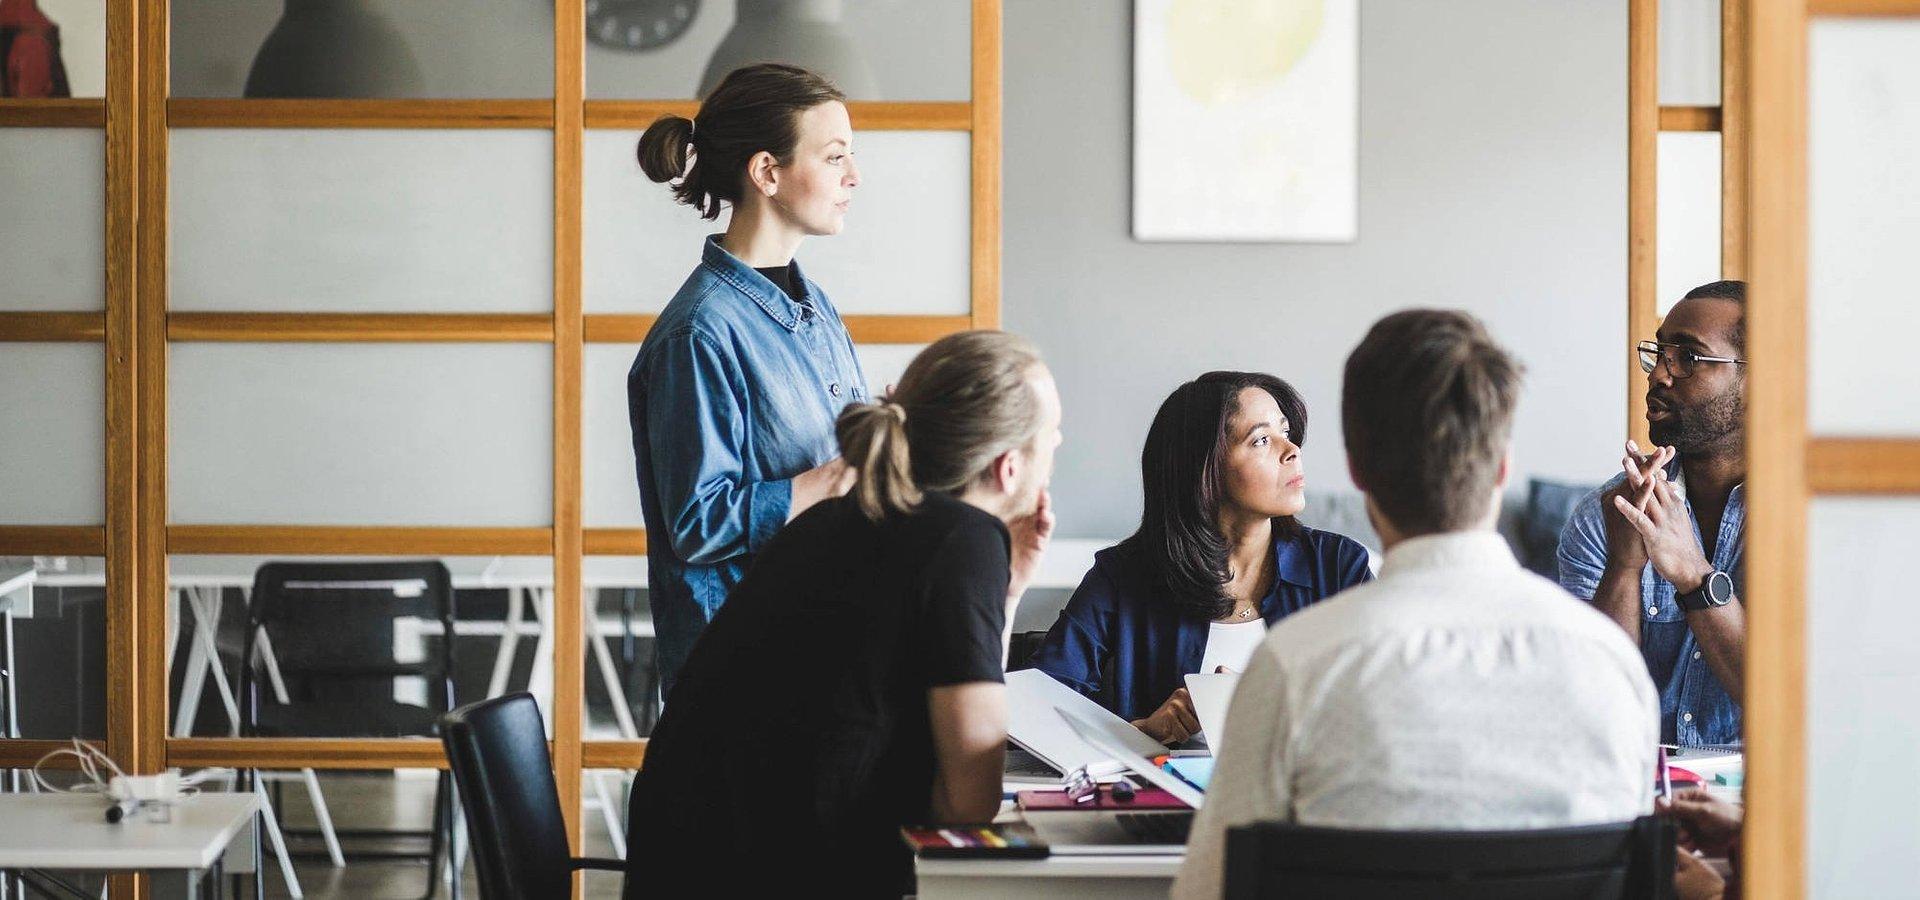 Trwa nabór na studia podyplomowe zintegrowane z poziomem Strategic Professional